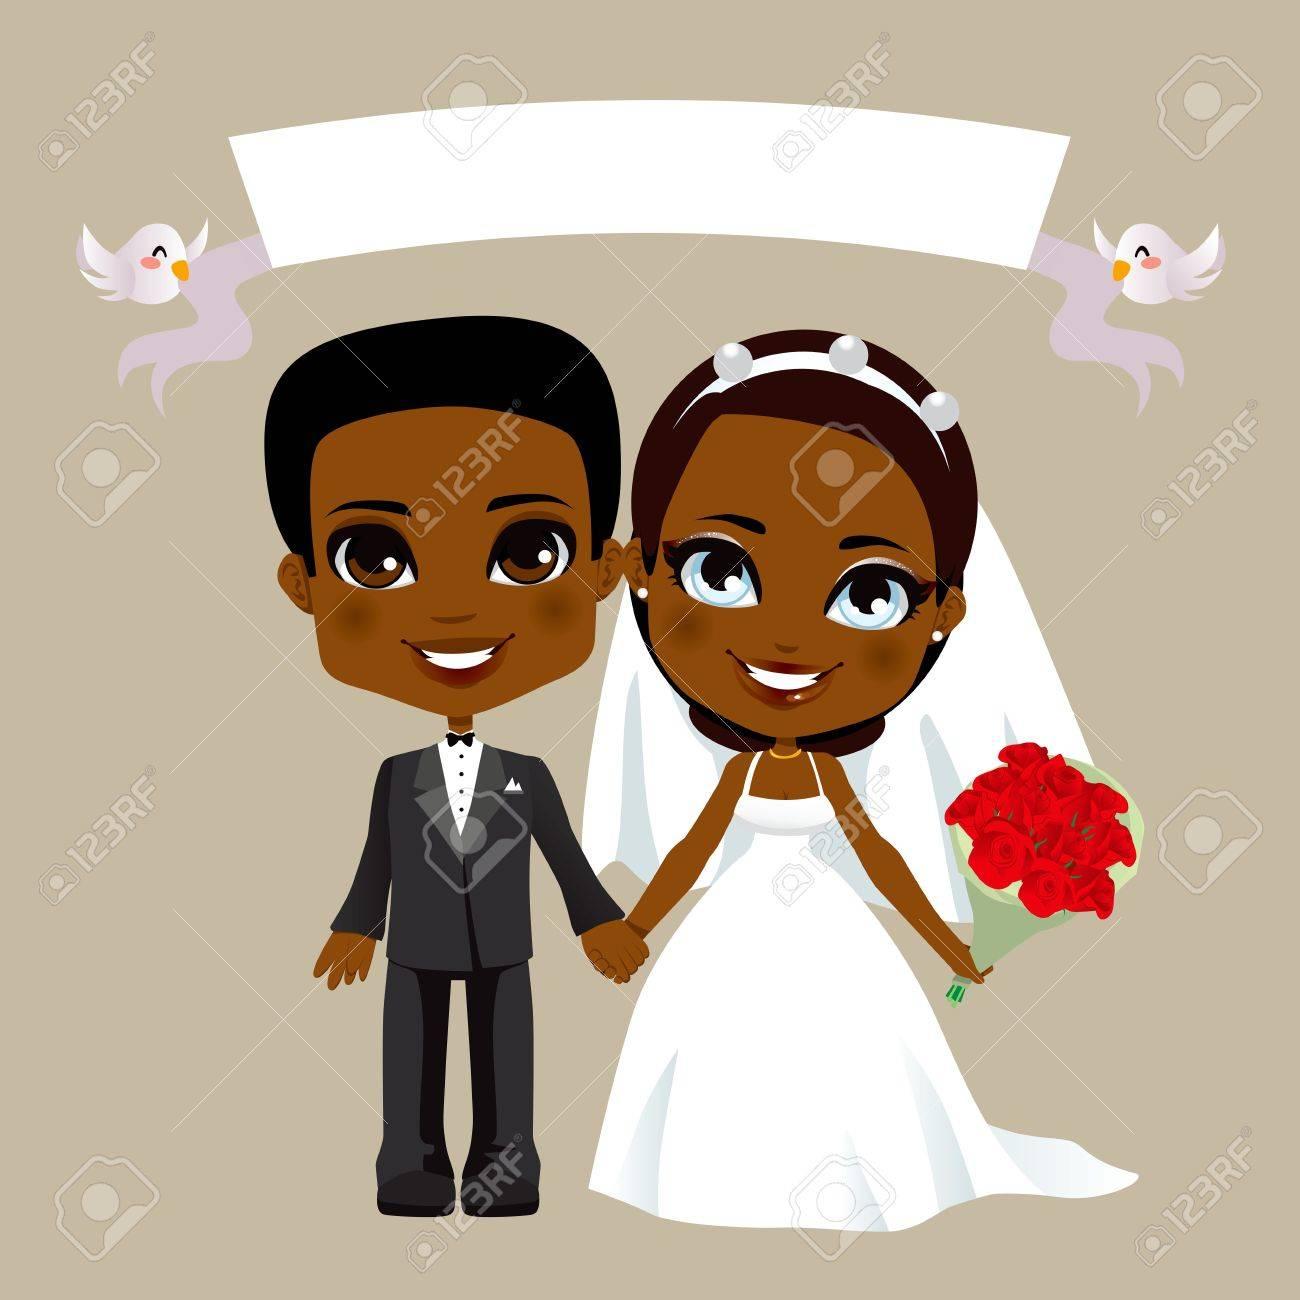 白い旗と黒の素敵なカップルの結婚式のイラスト ロイヤリティフリー